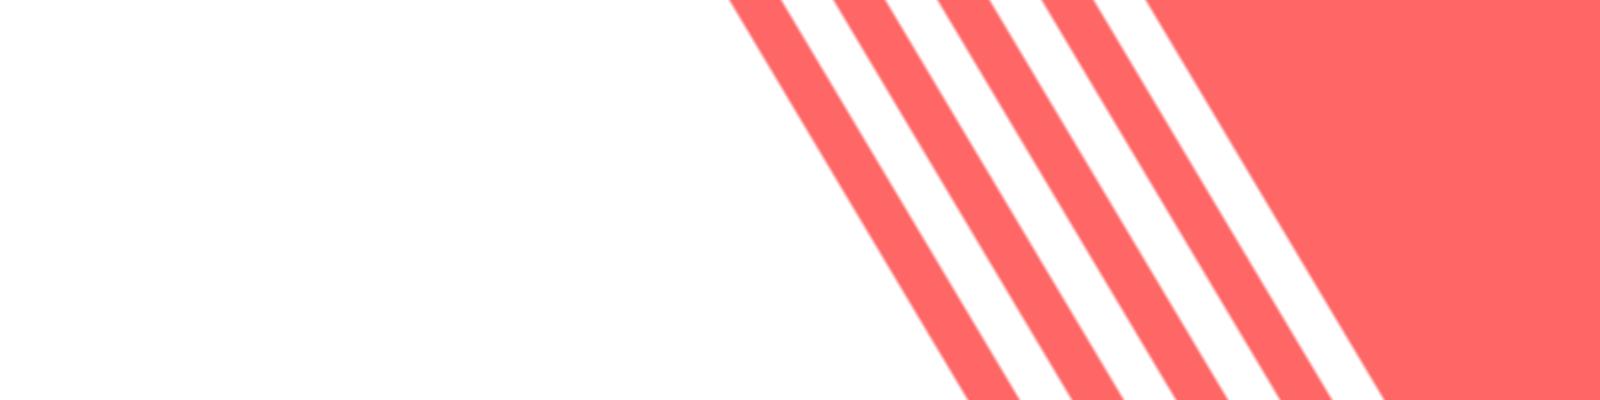 achtergond-banner